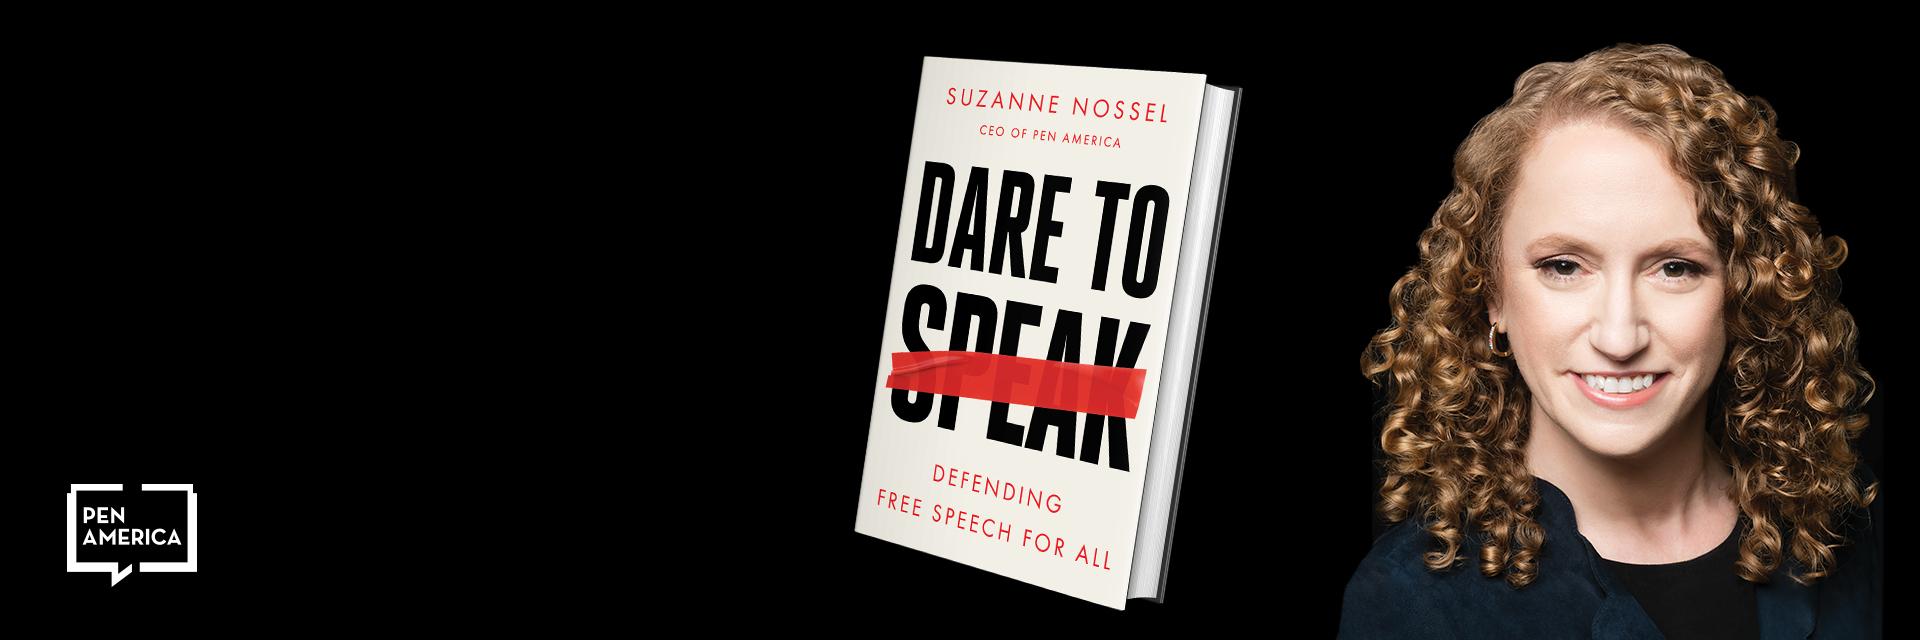 Dare to Speak book cover and Suzanne Nossel's headshot